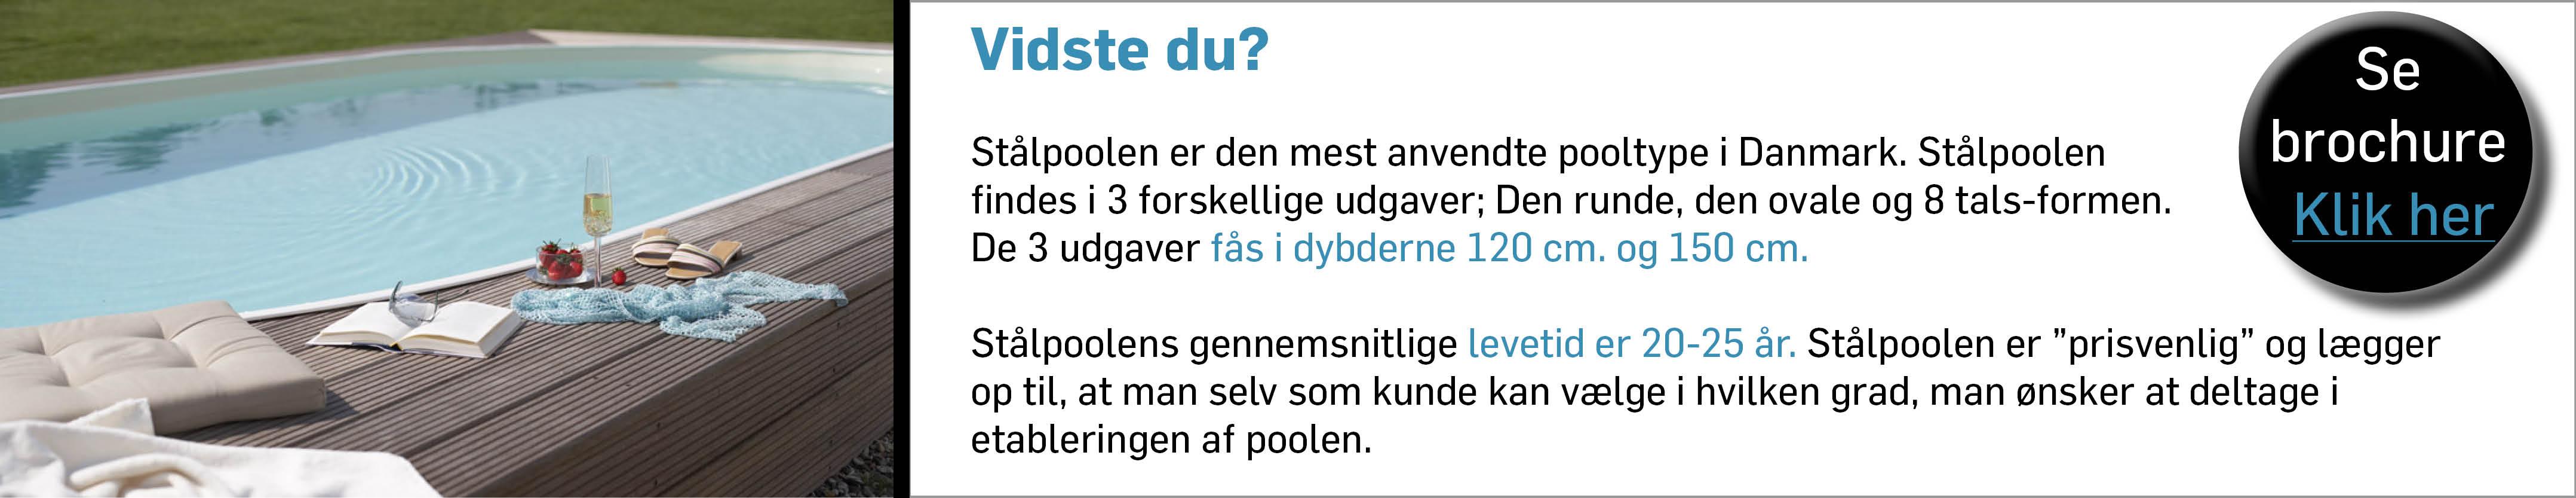 Stålpool - Den mest anvendte pooltype i Danmark